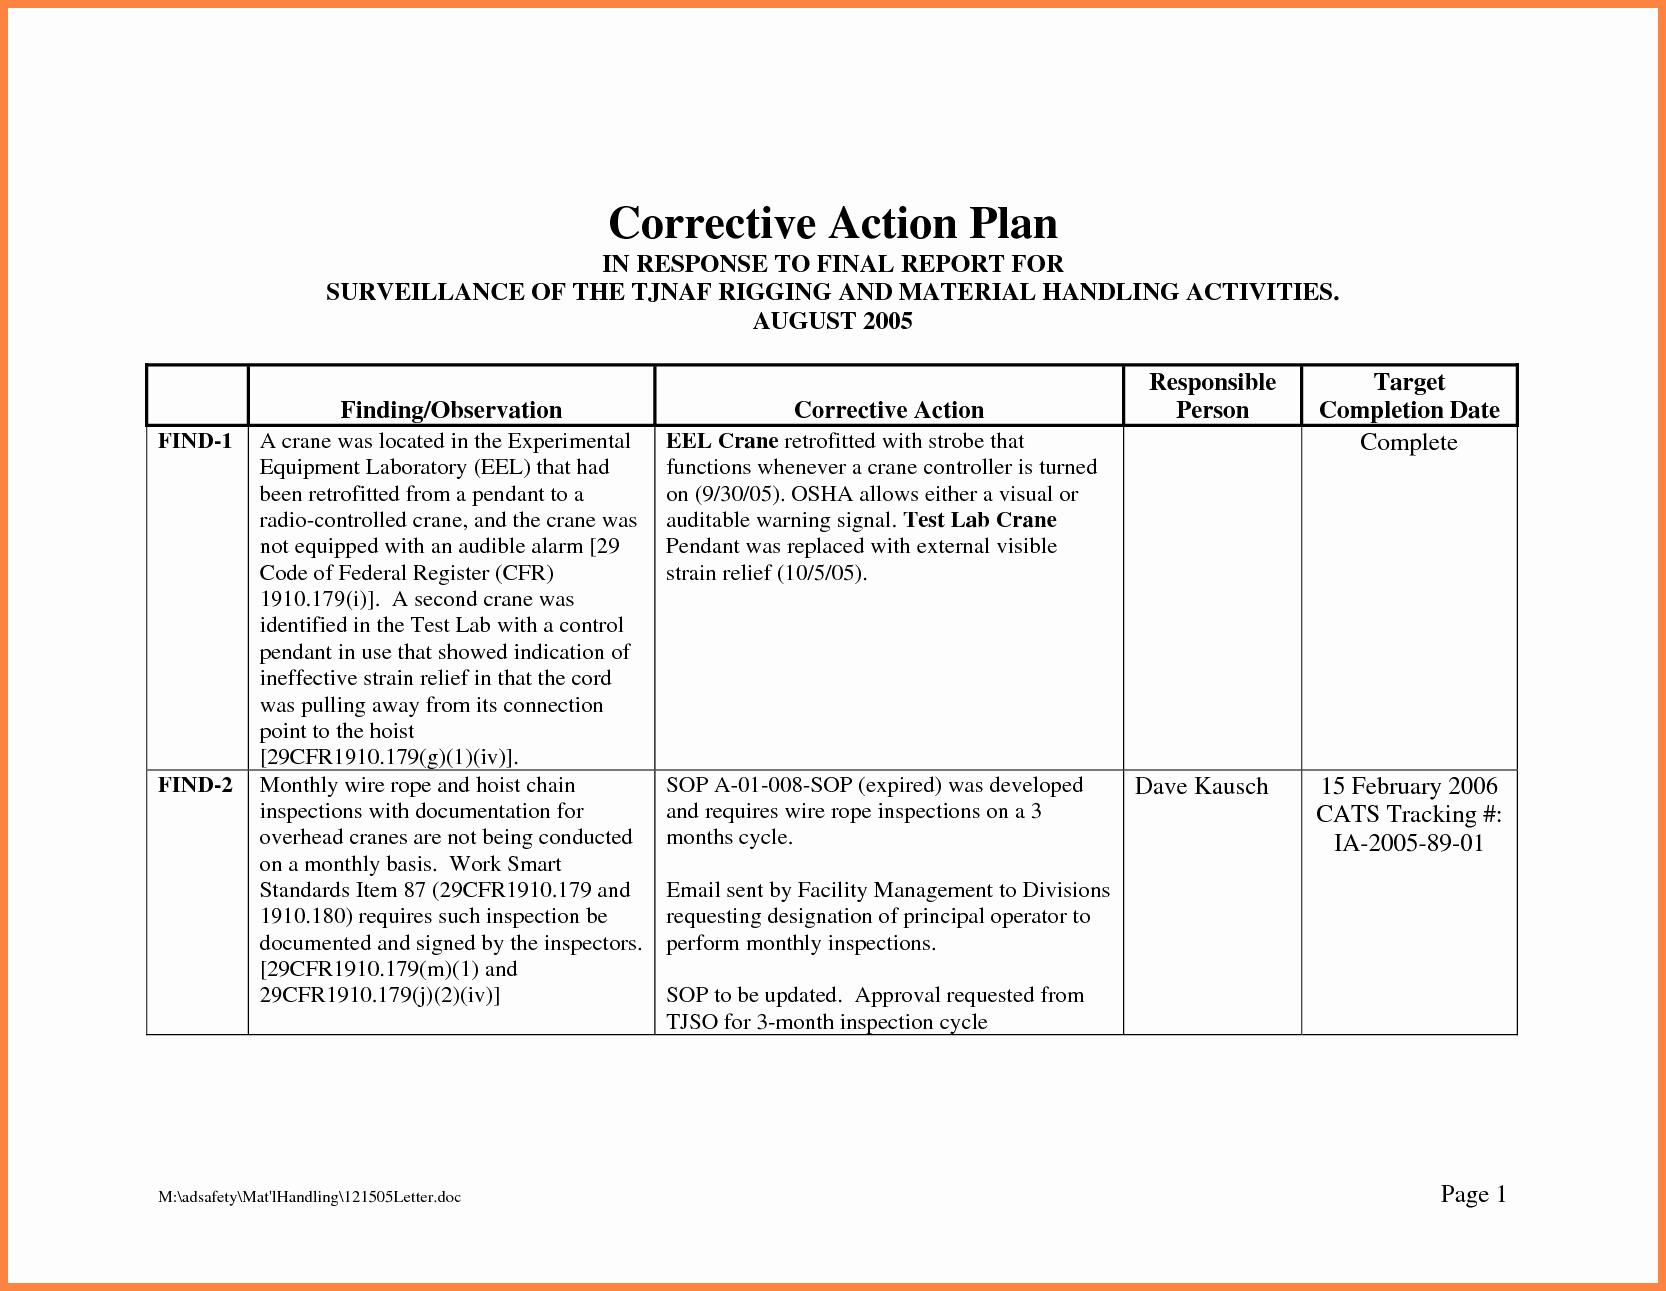 Employee Corrective Action Plan Template Inspirational Corrective Action Plan Template